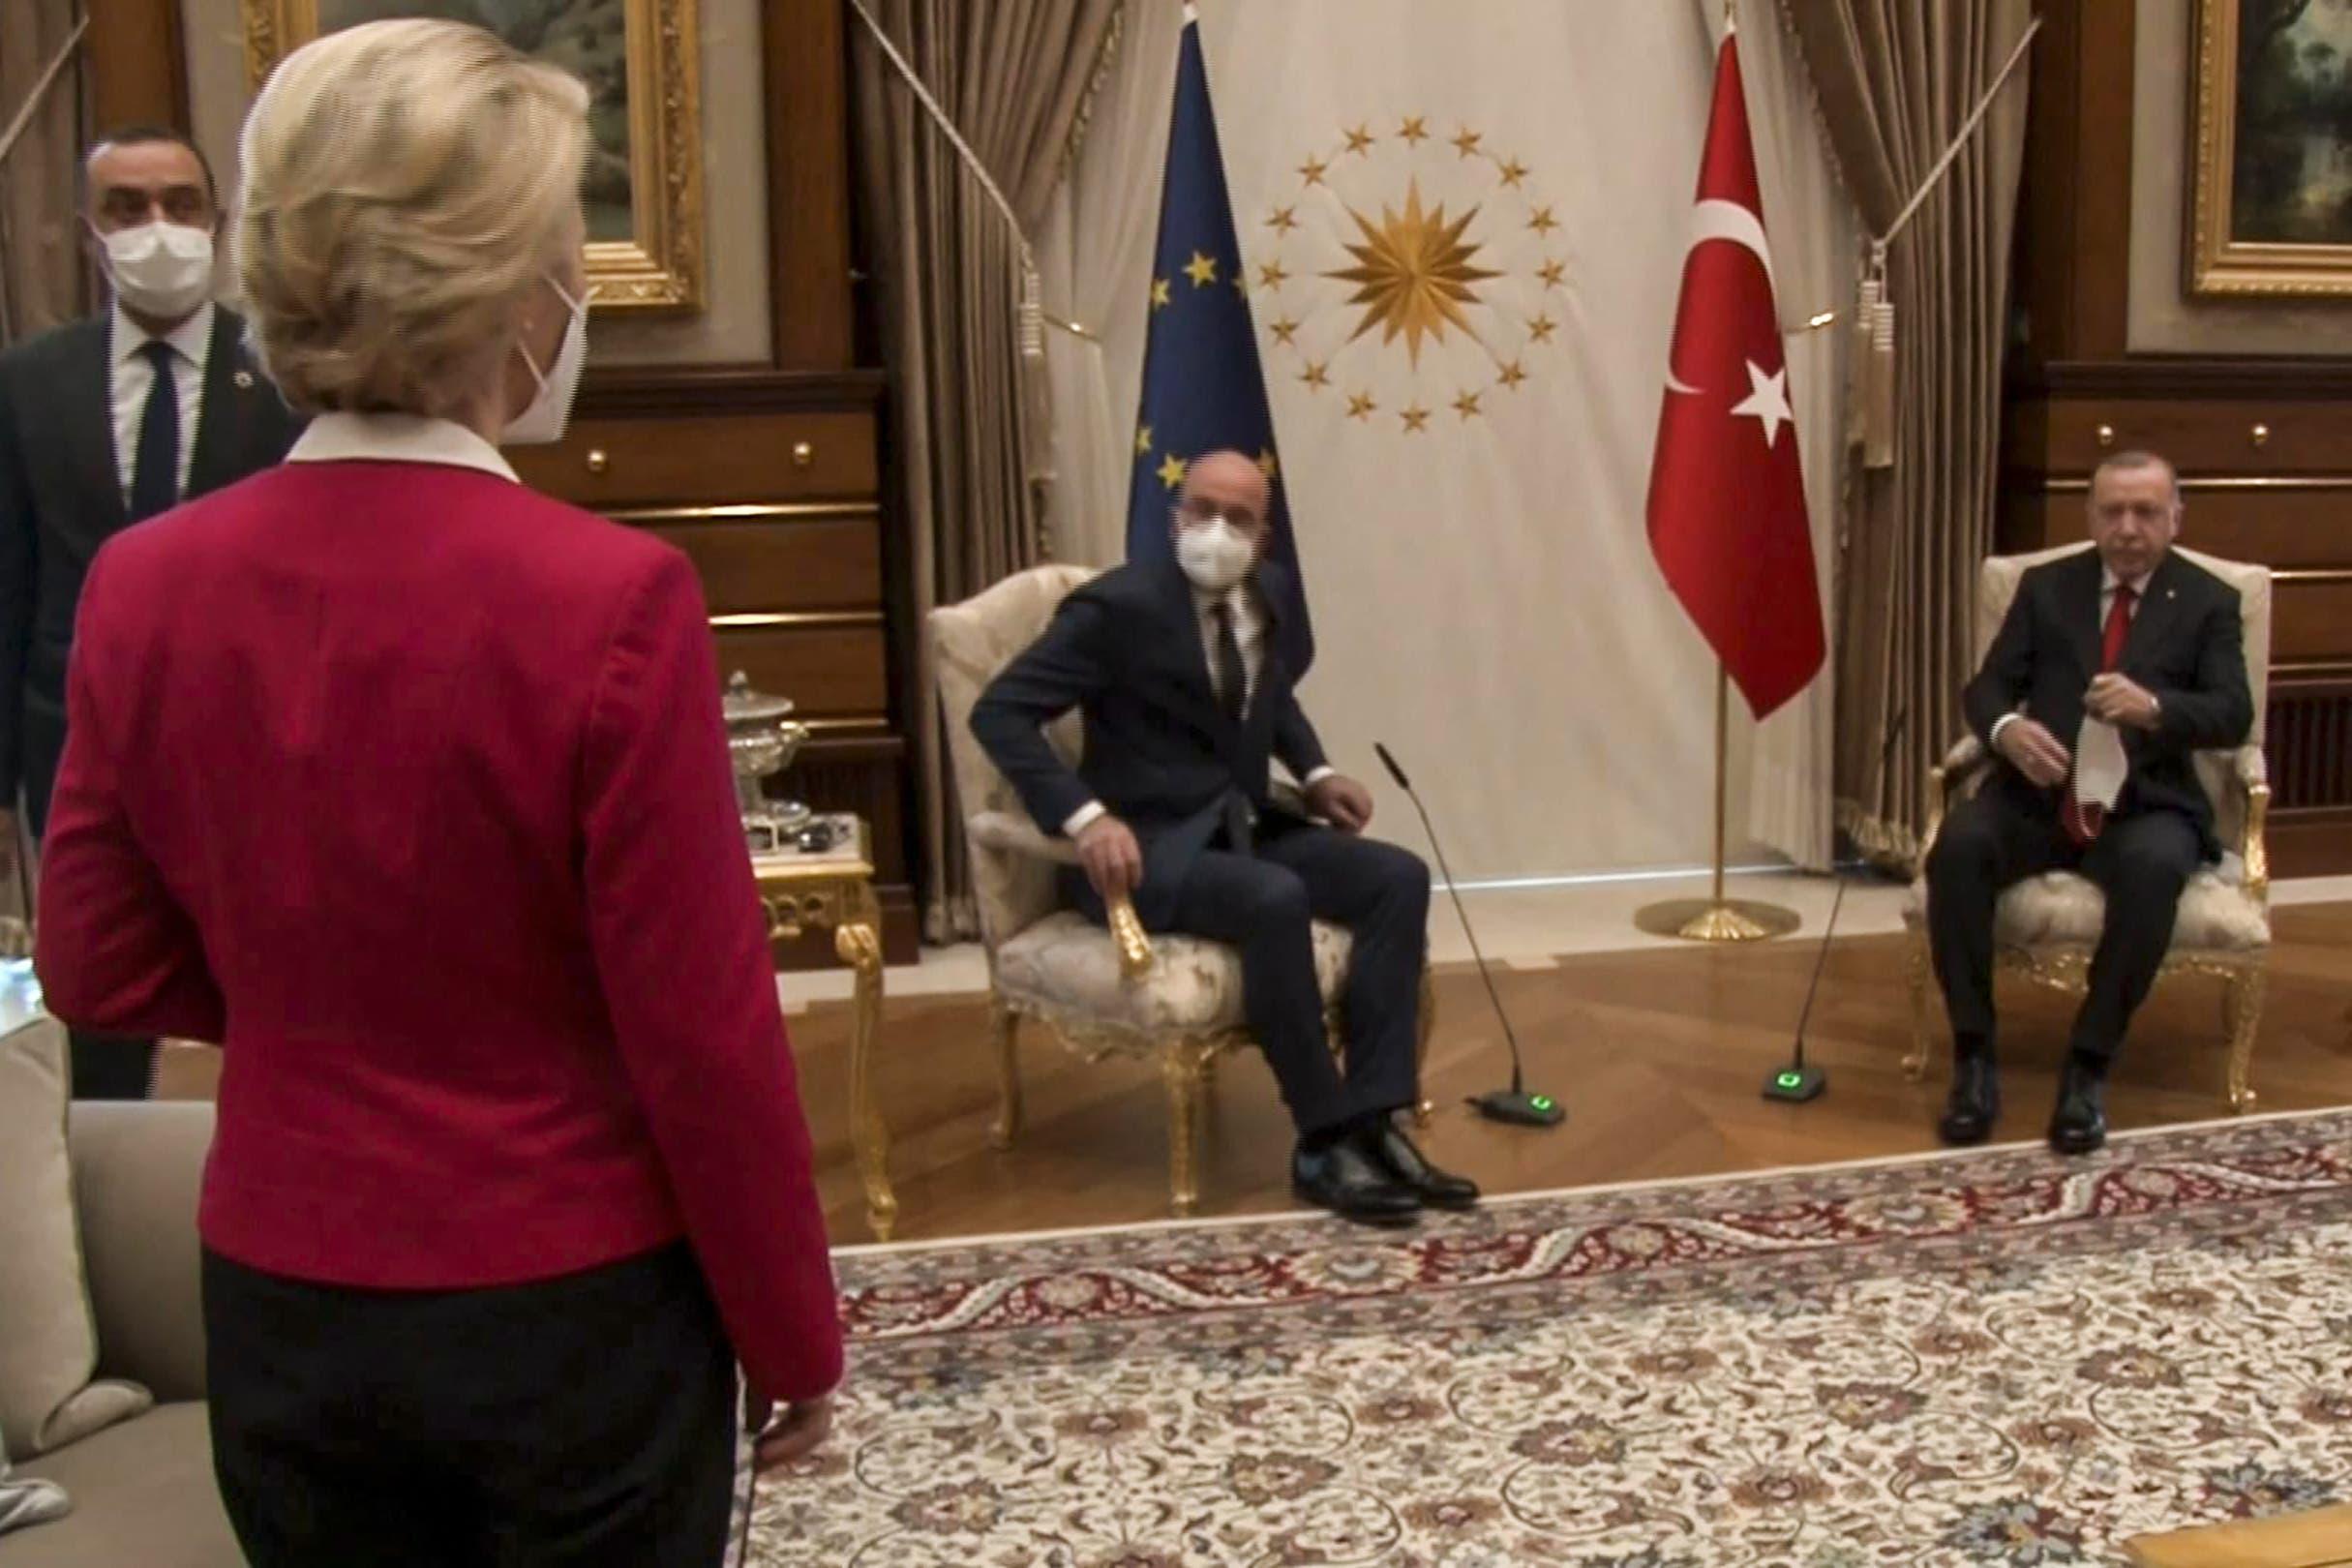 رئيسة المفوضية الأوروبية الألمانية أورسولا فون دير لايين في أنقرة (أرشيفية - فرانس برس)